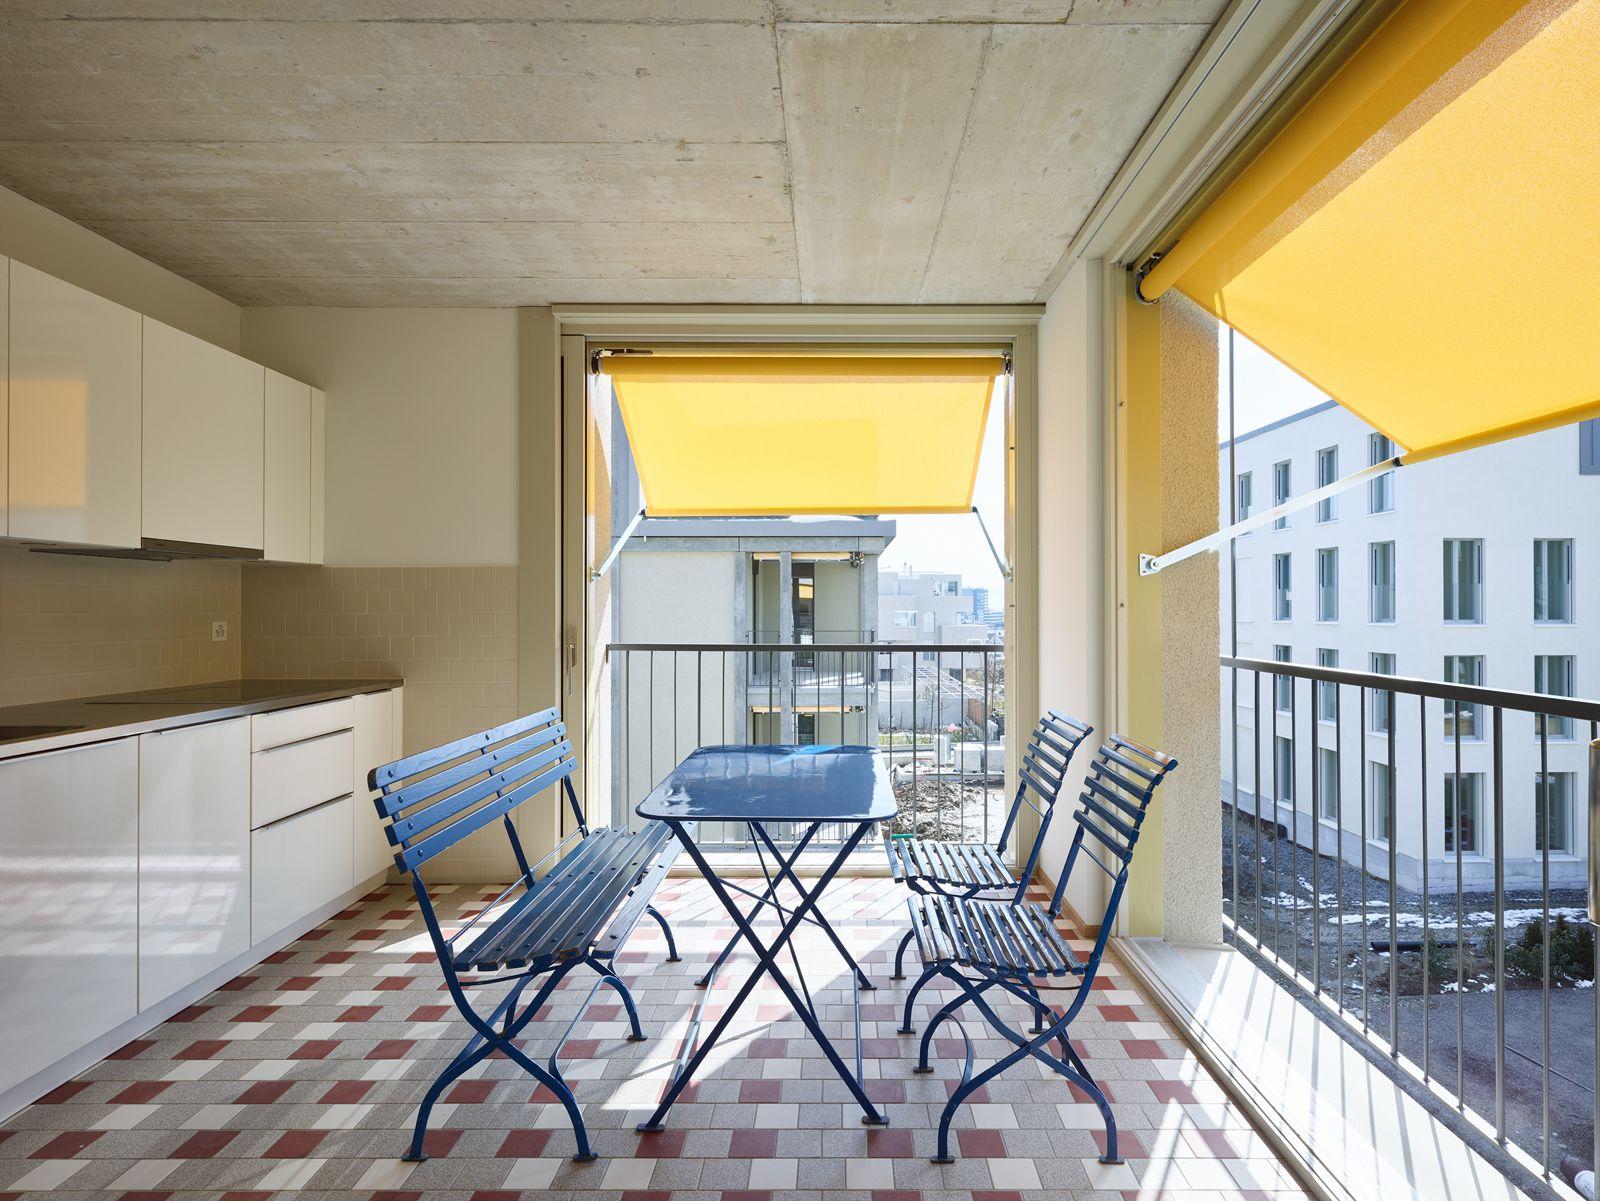 Innenarchitektur Bern wohnhäuser schönberg ost bern esch sintzel architekten ark